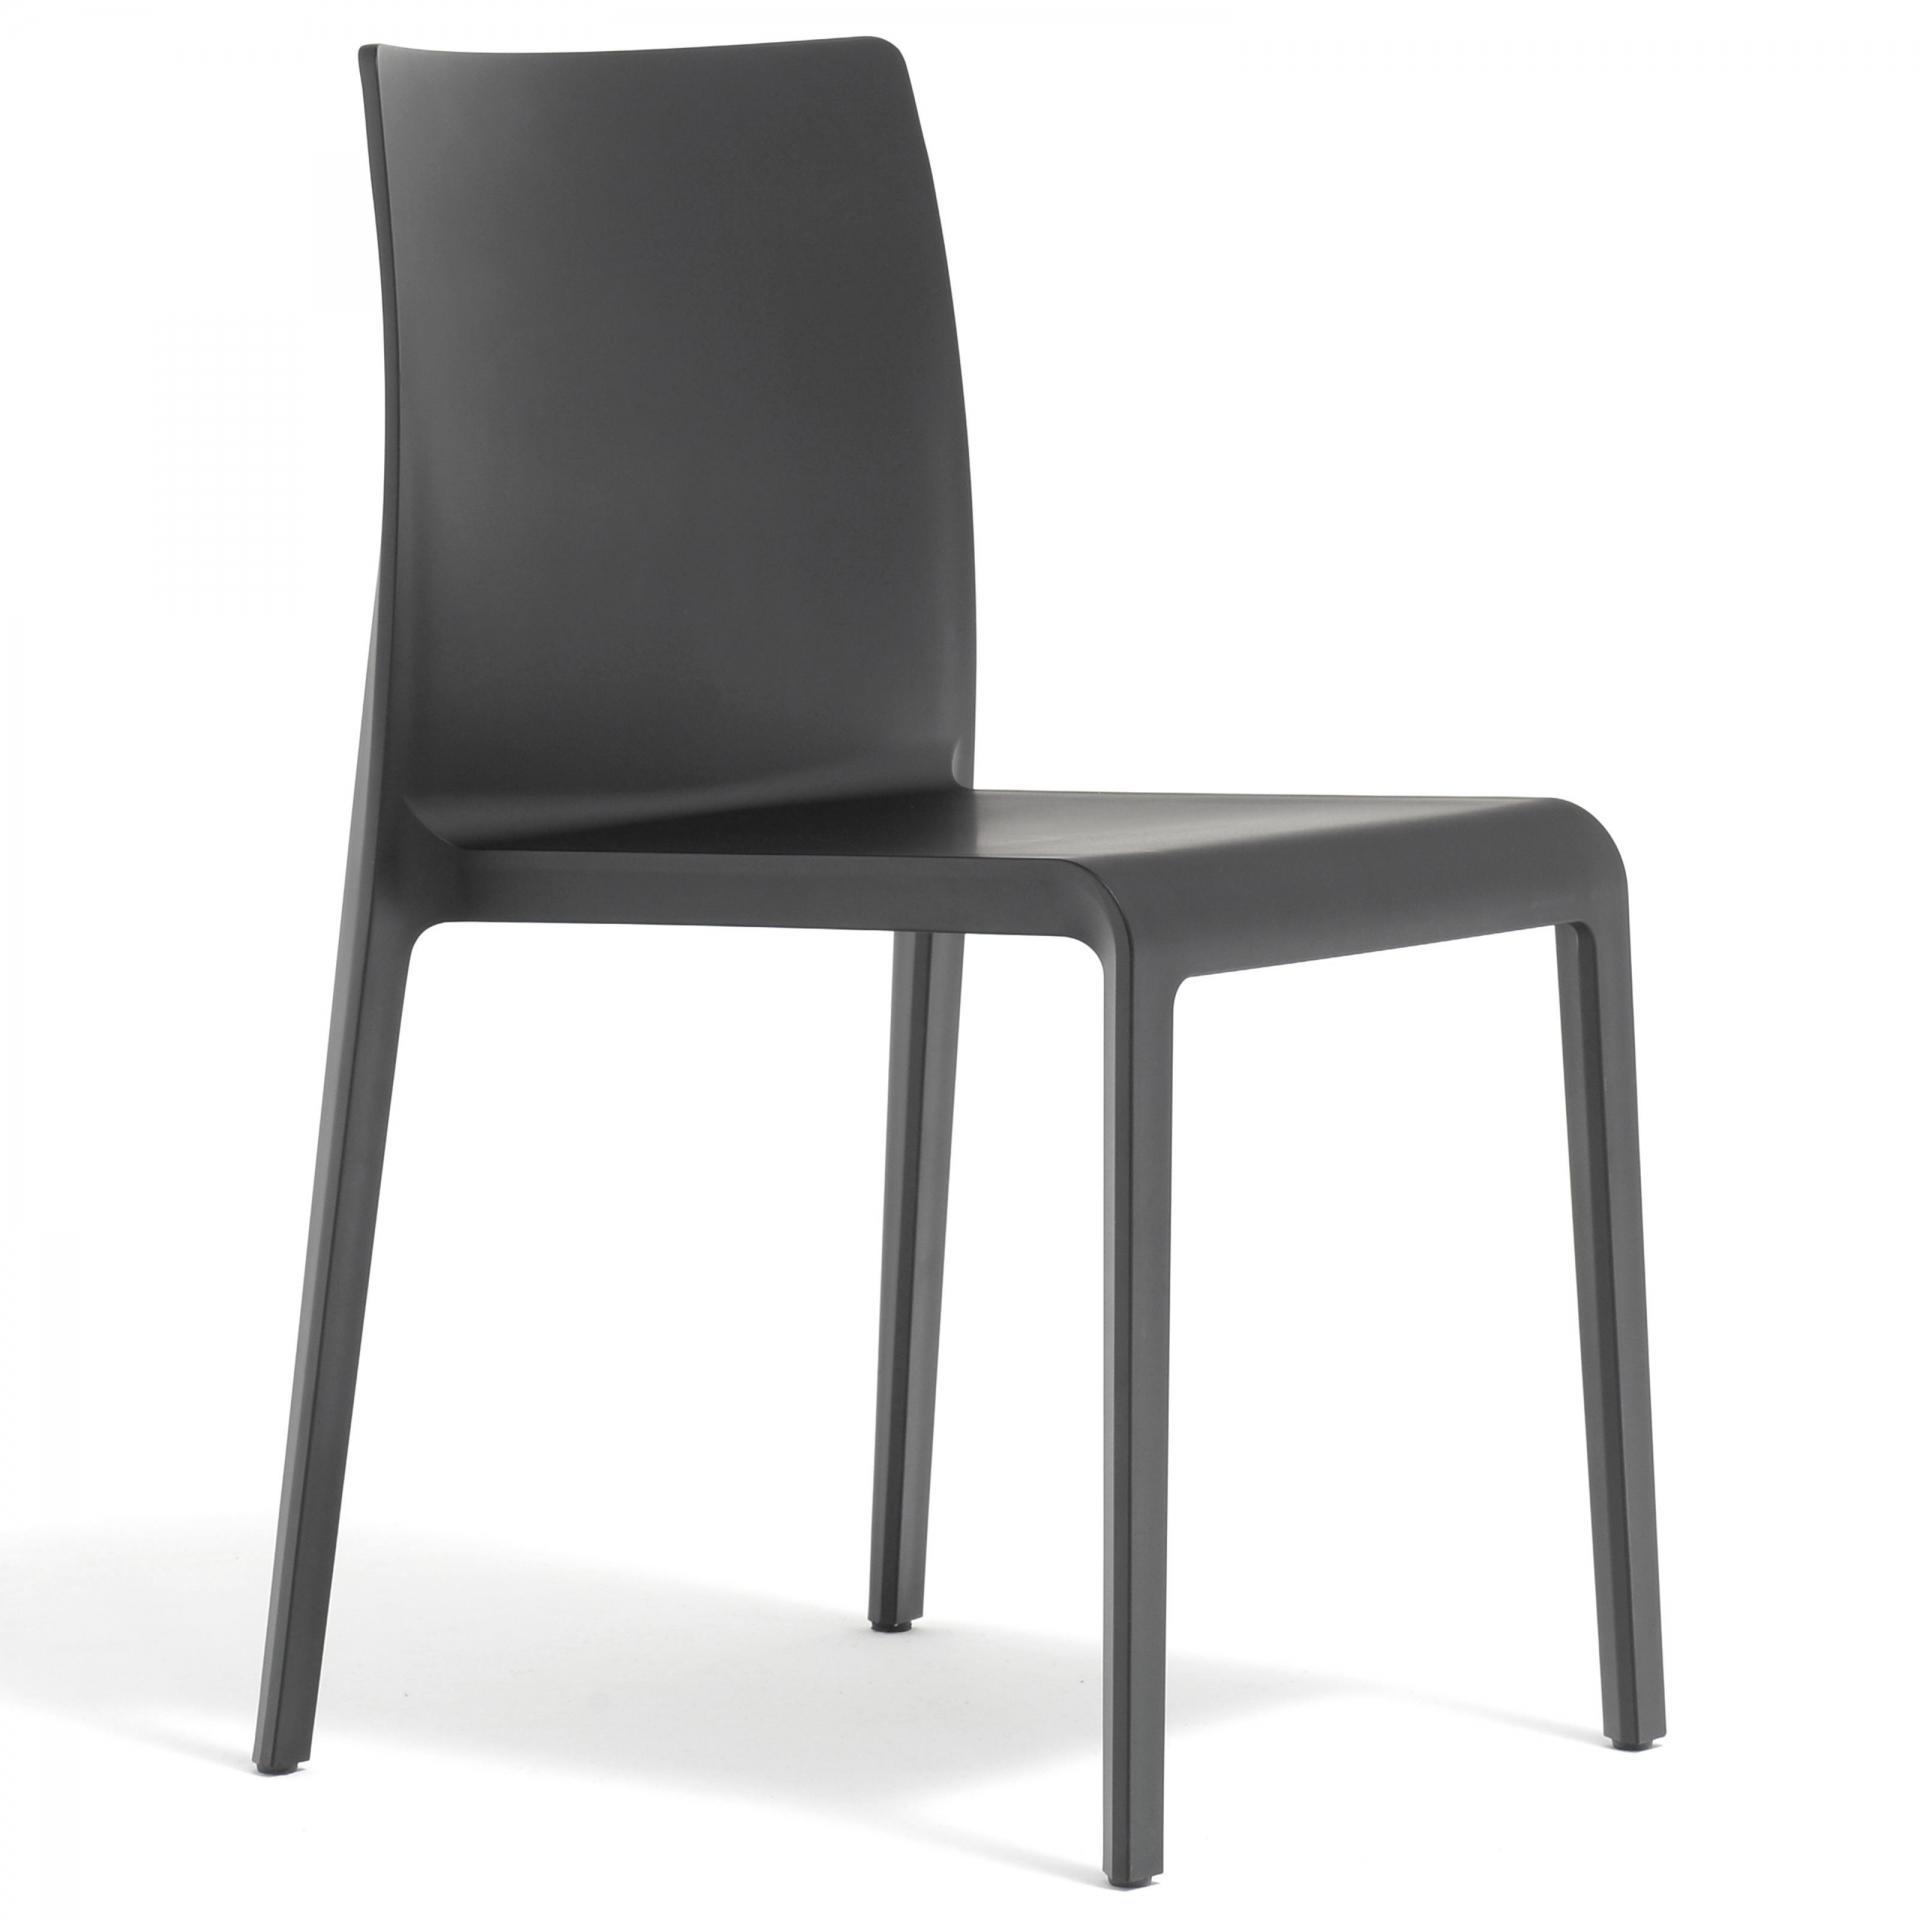 Výprodej Pop up Home designové židle Volt (černá)